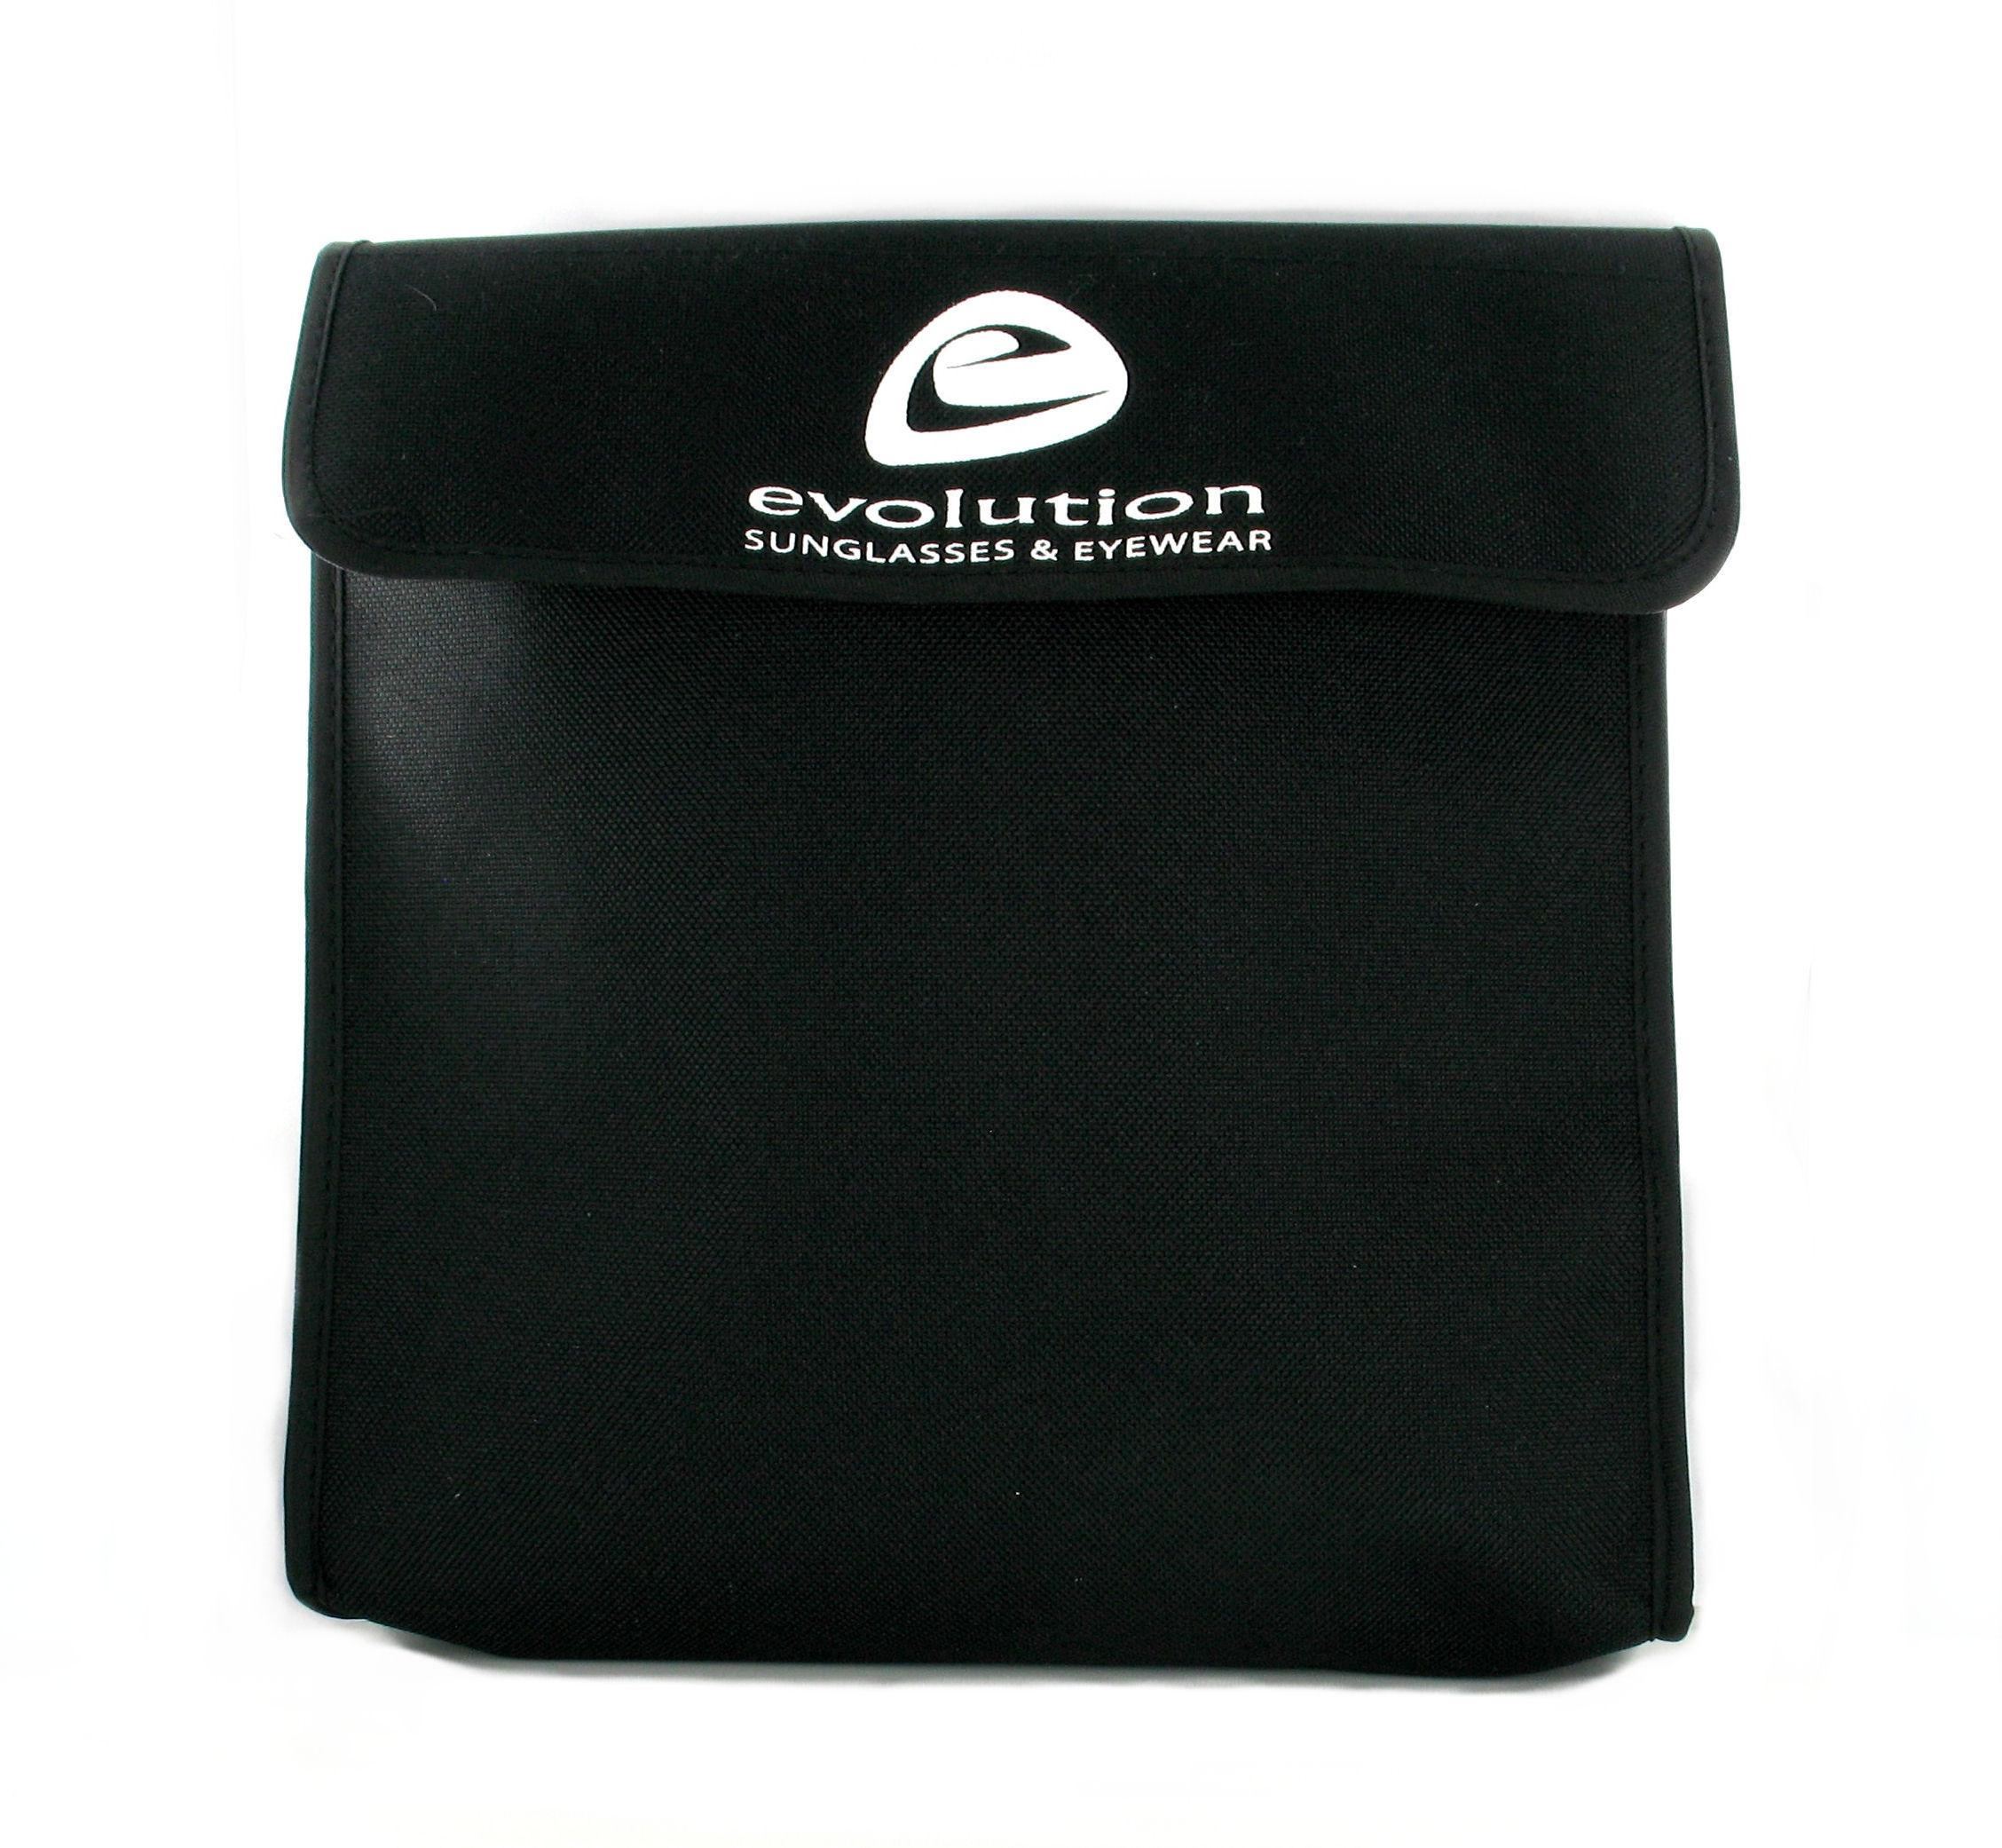 Evolutions-sunglasses-gift-pack